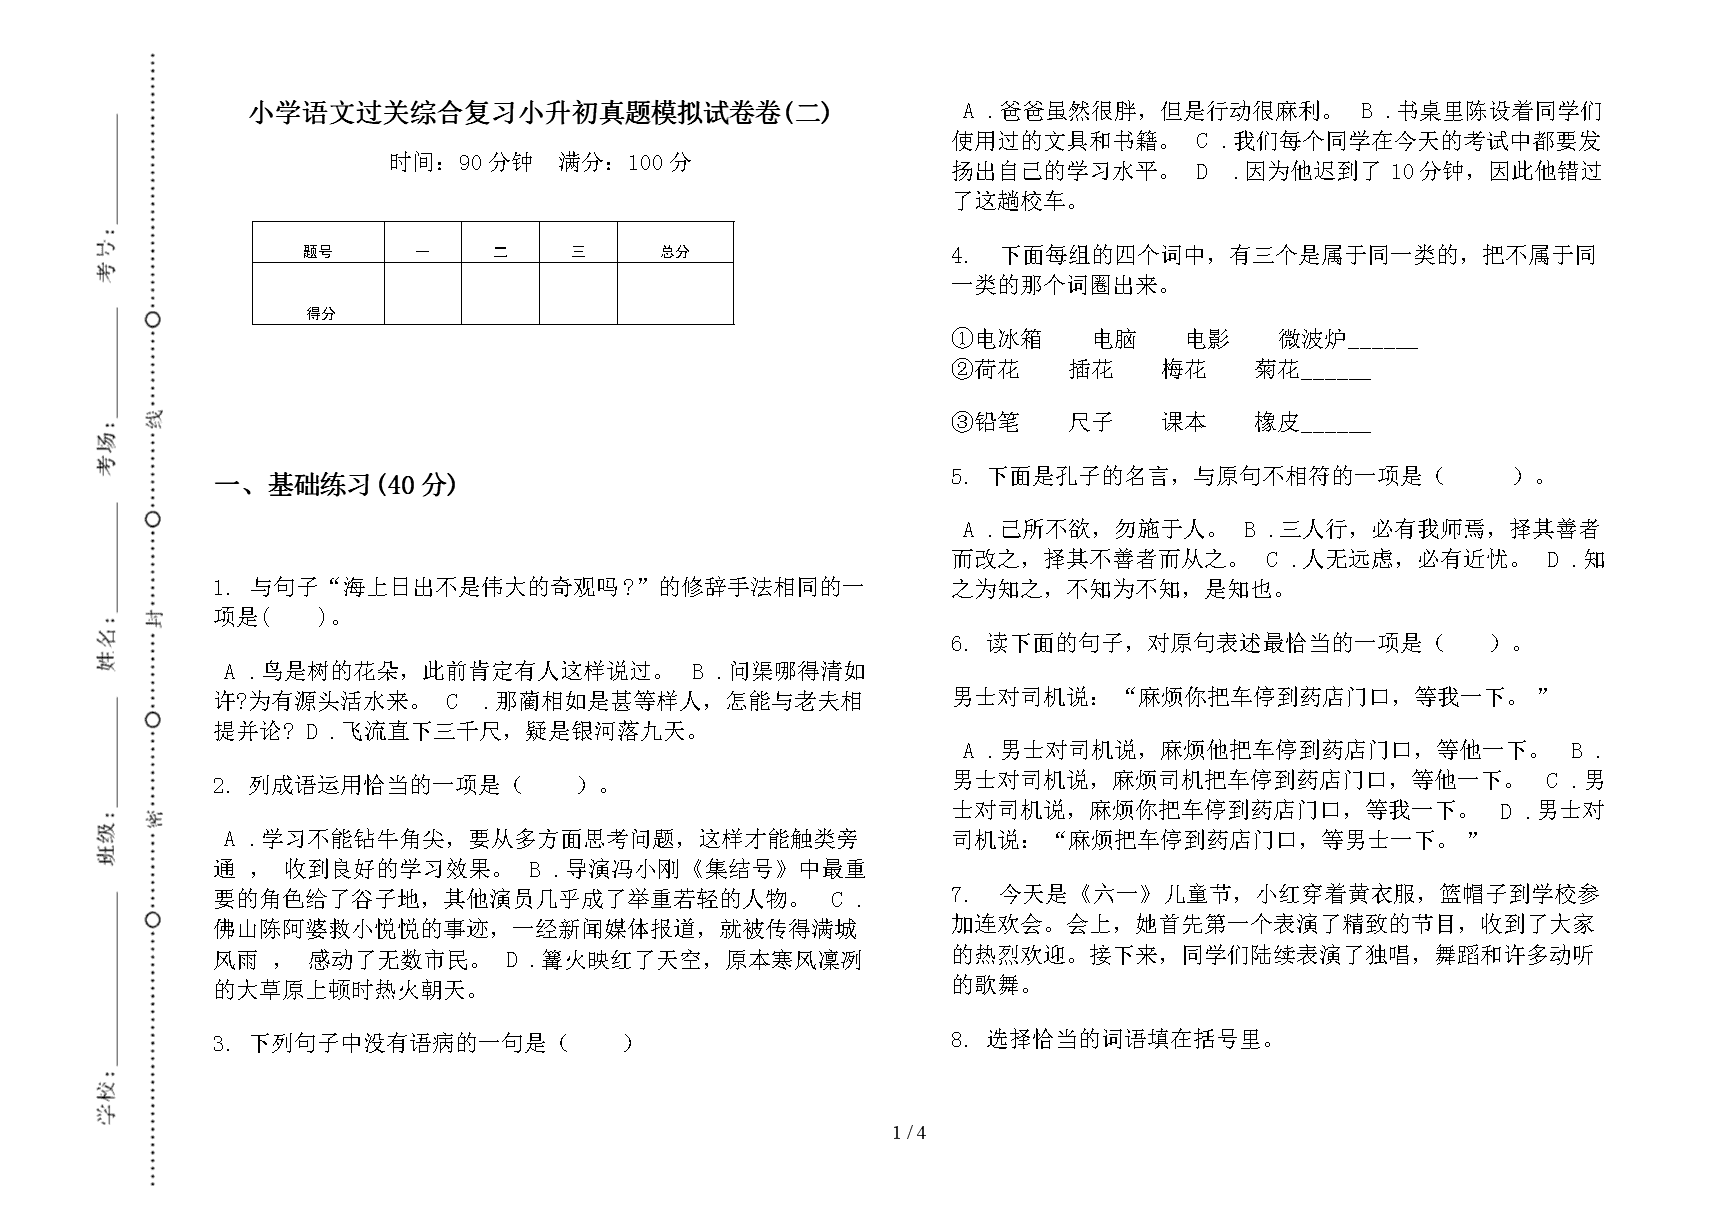 小学语文过关综合复习小升初真题模拟试卷卷(二).docx